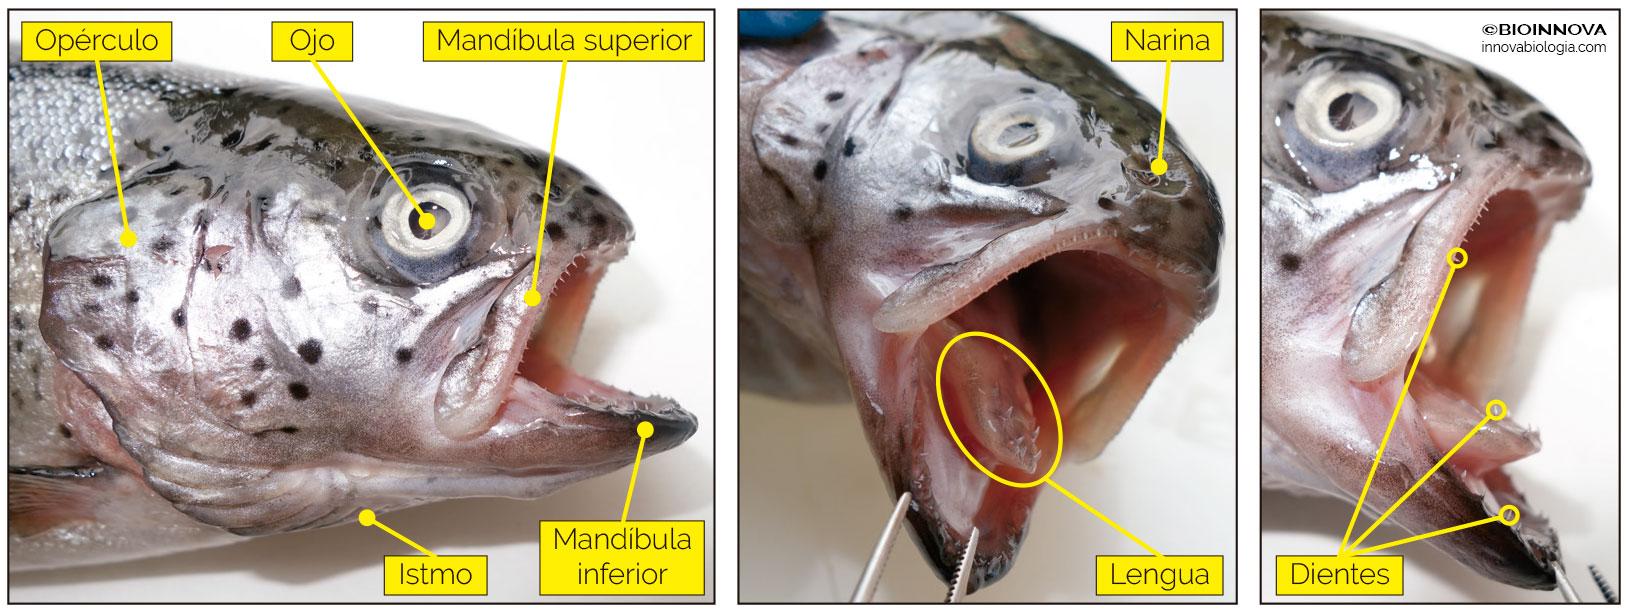 Anatomía externa de la cabeza de una trucha